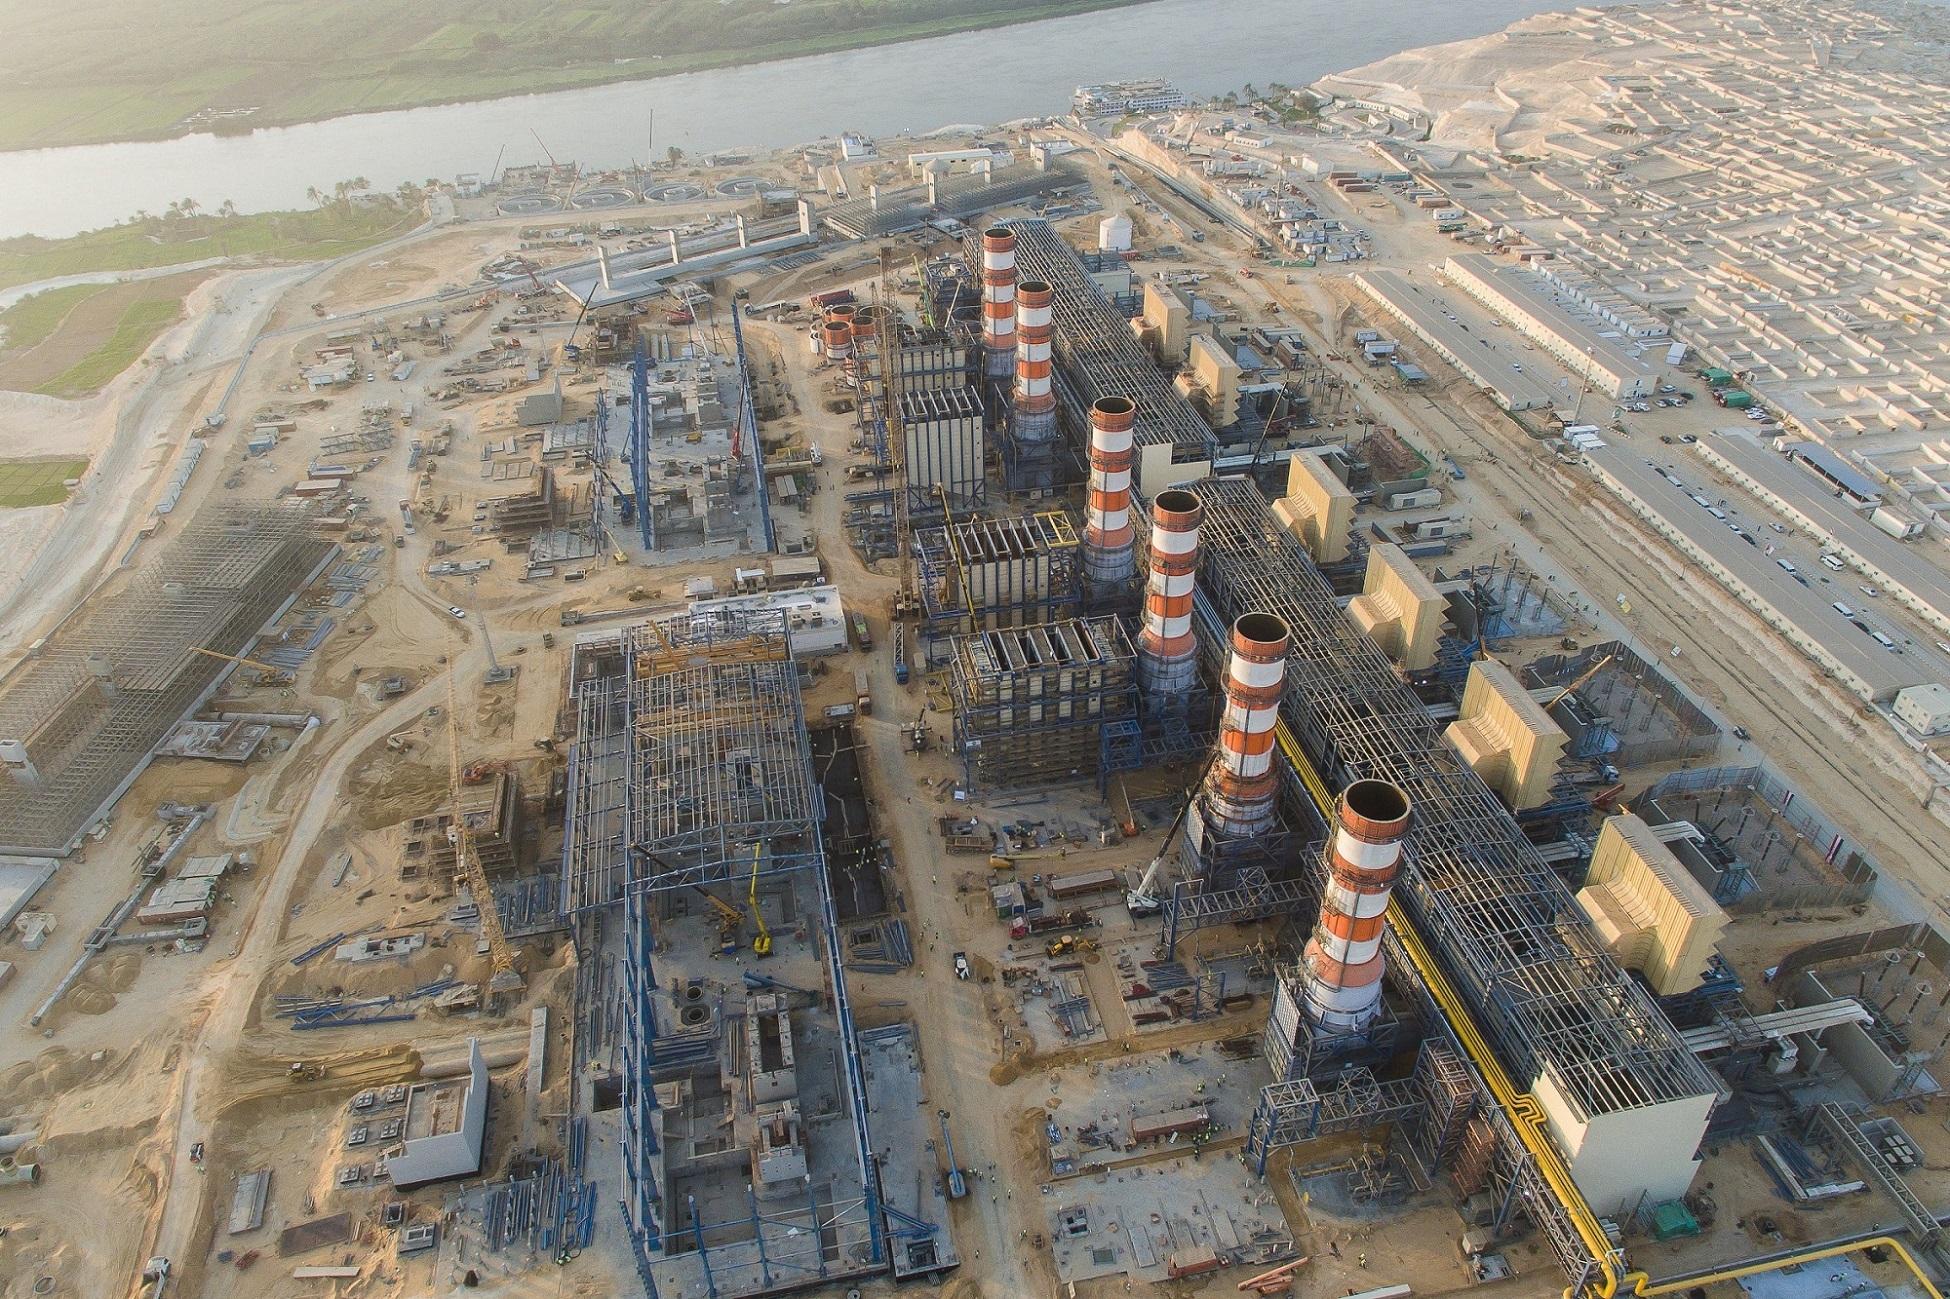 Siemens, 'Mısır Mega Projesi'ni Rekor Sürede Tamamladı